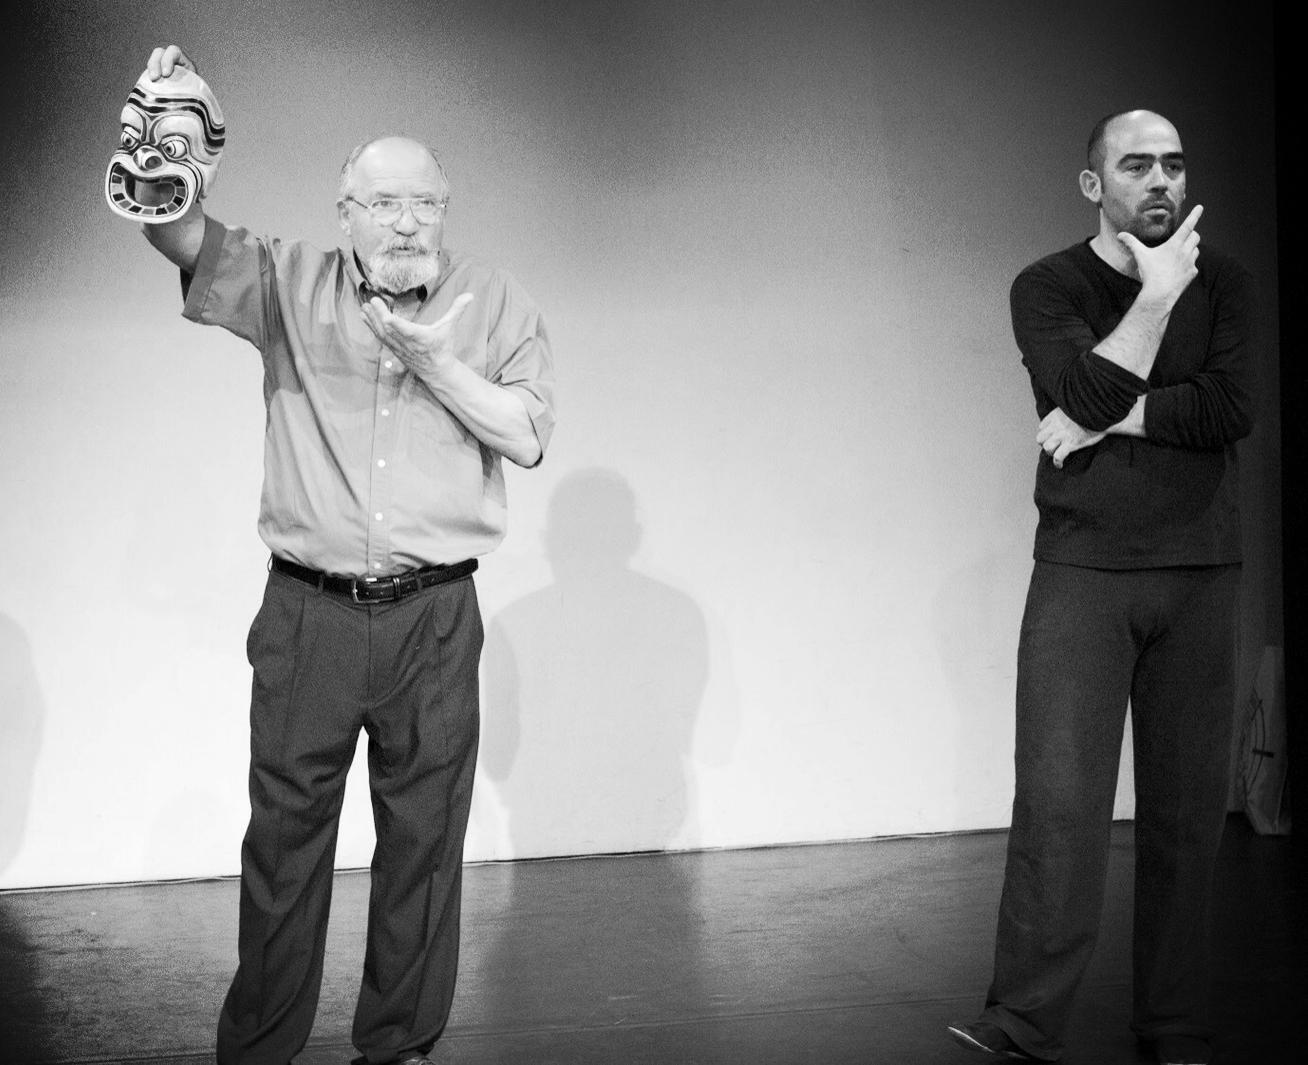 Donato Sartori and Carlos García Estévez, Amsterdam 2008